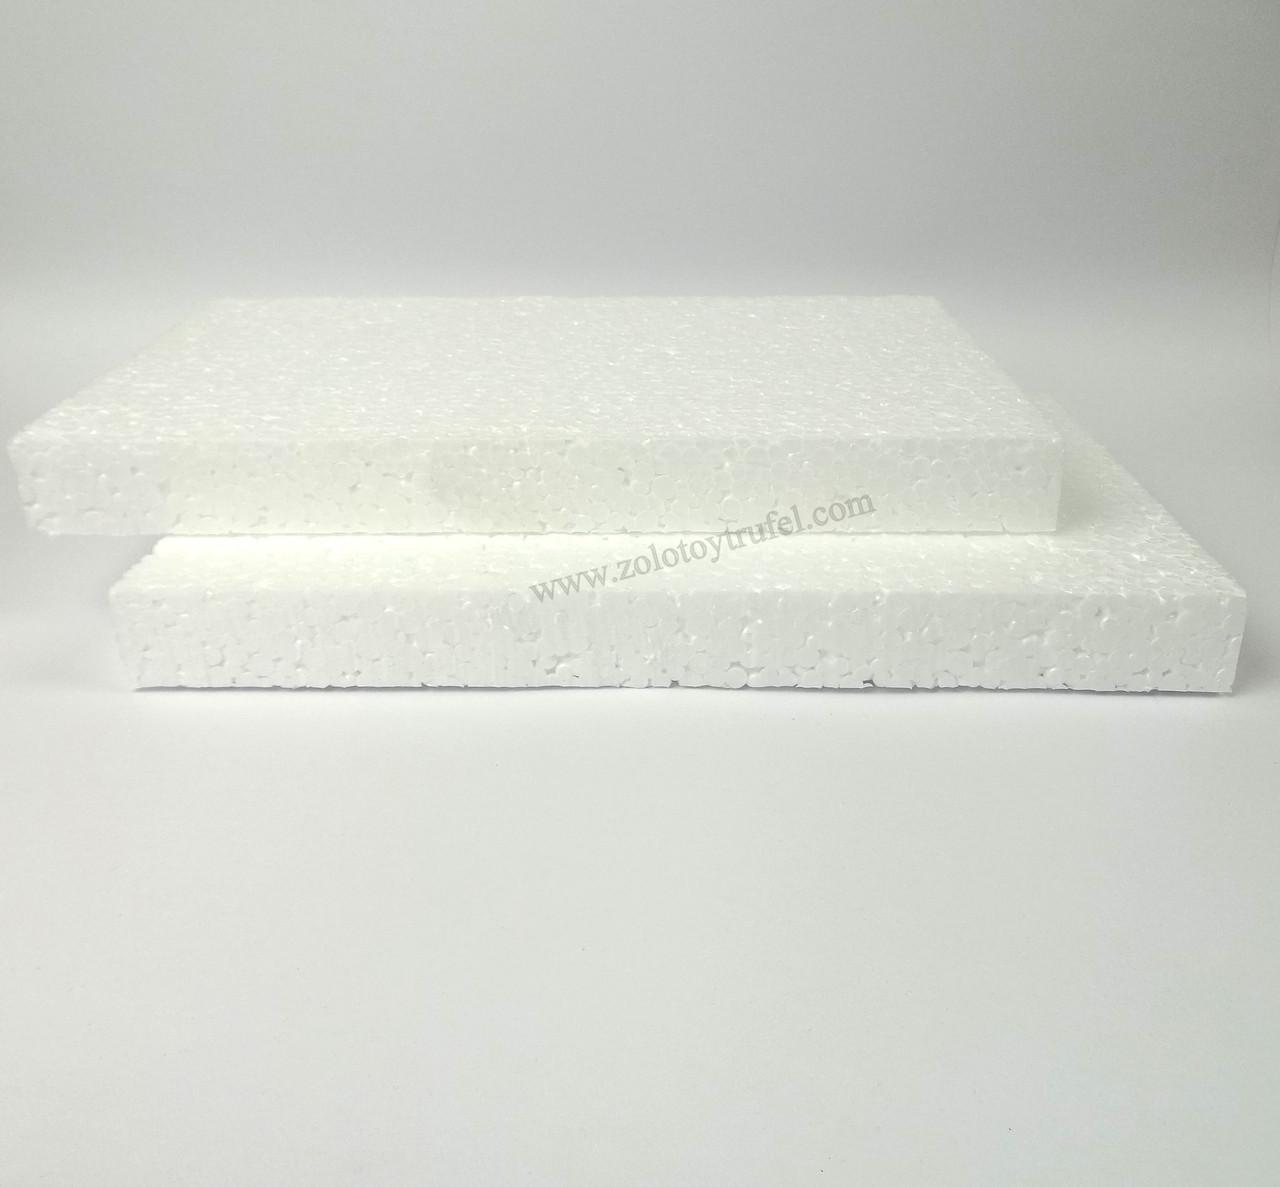 Прослойки пенопластовые для торта 32*32 см h 3 см